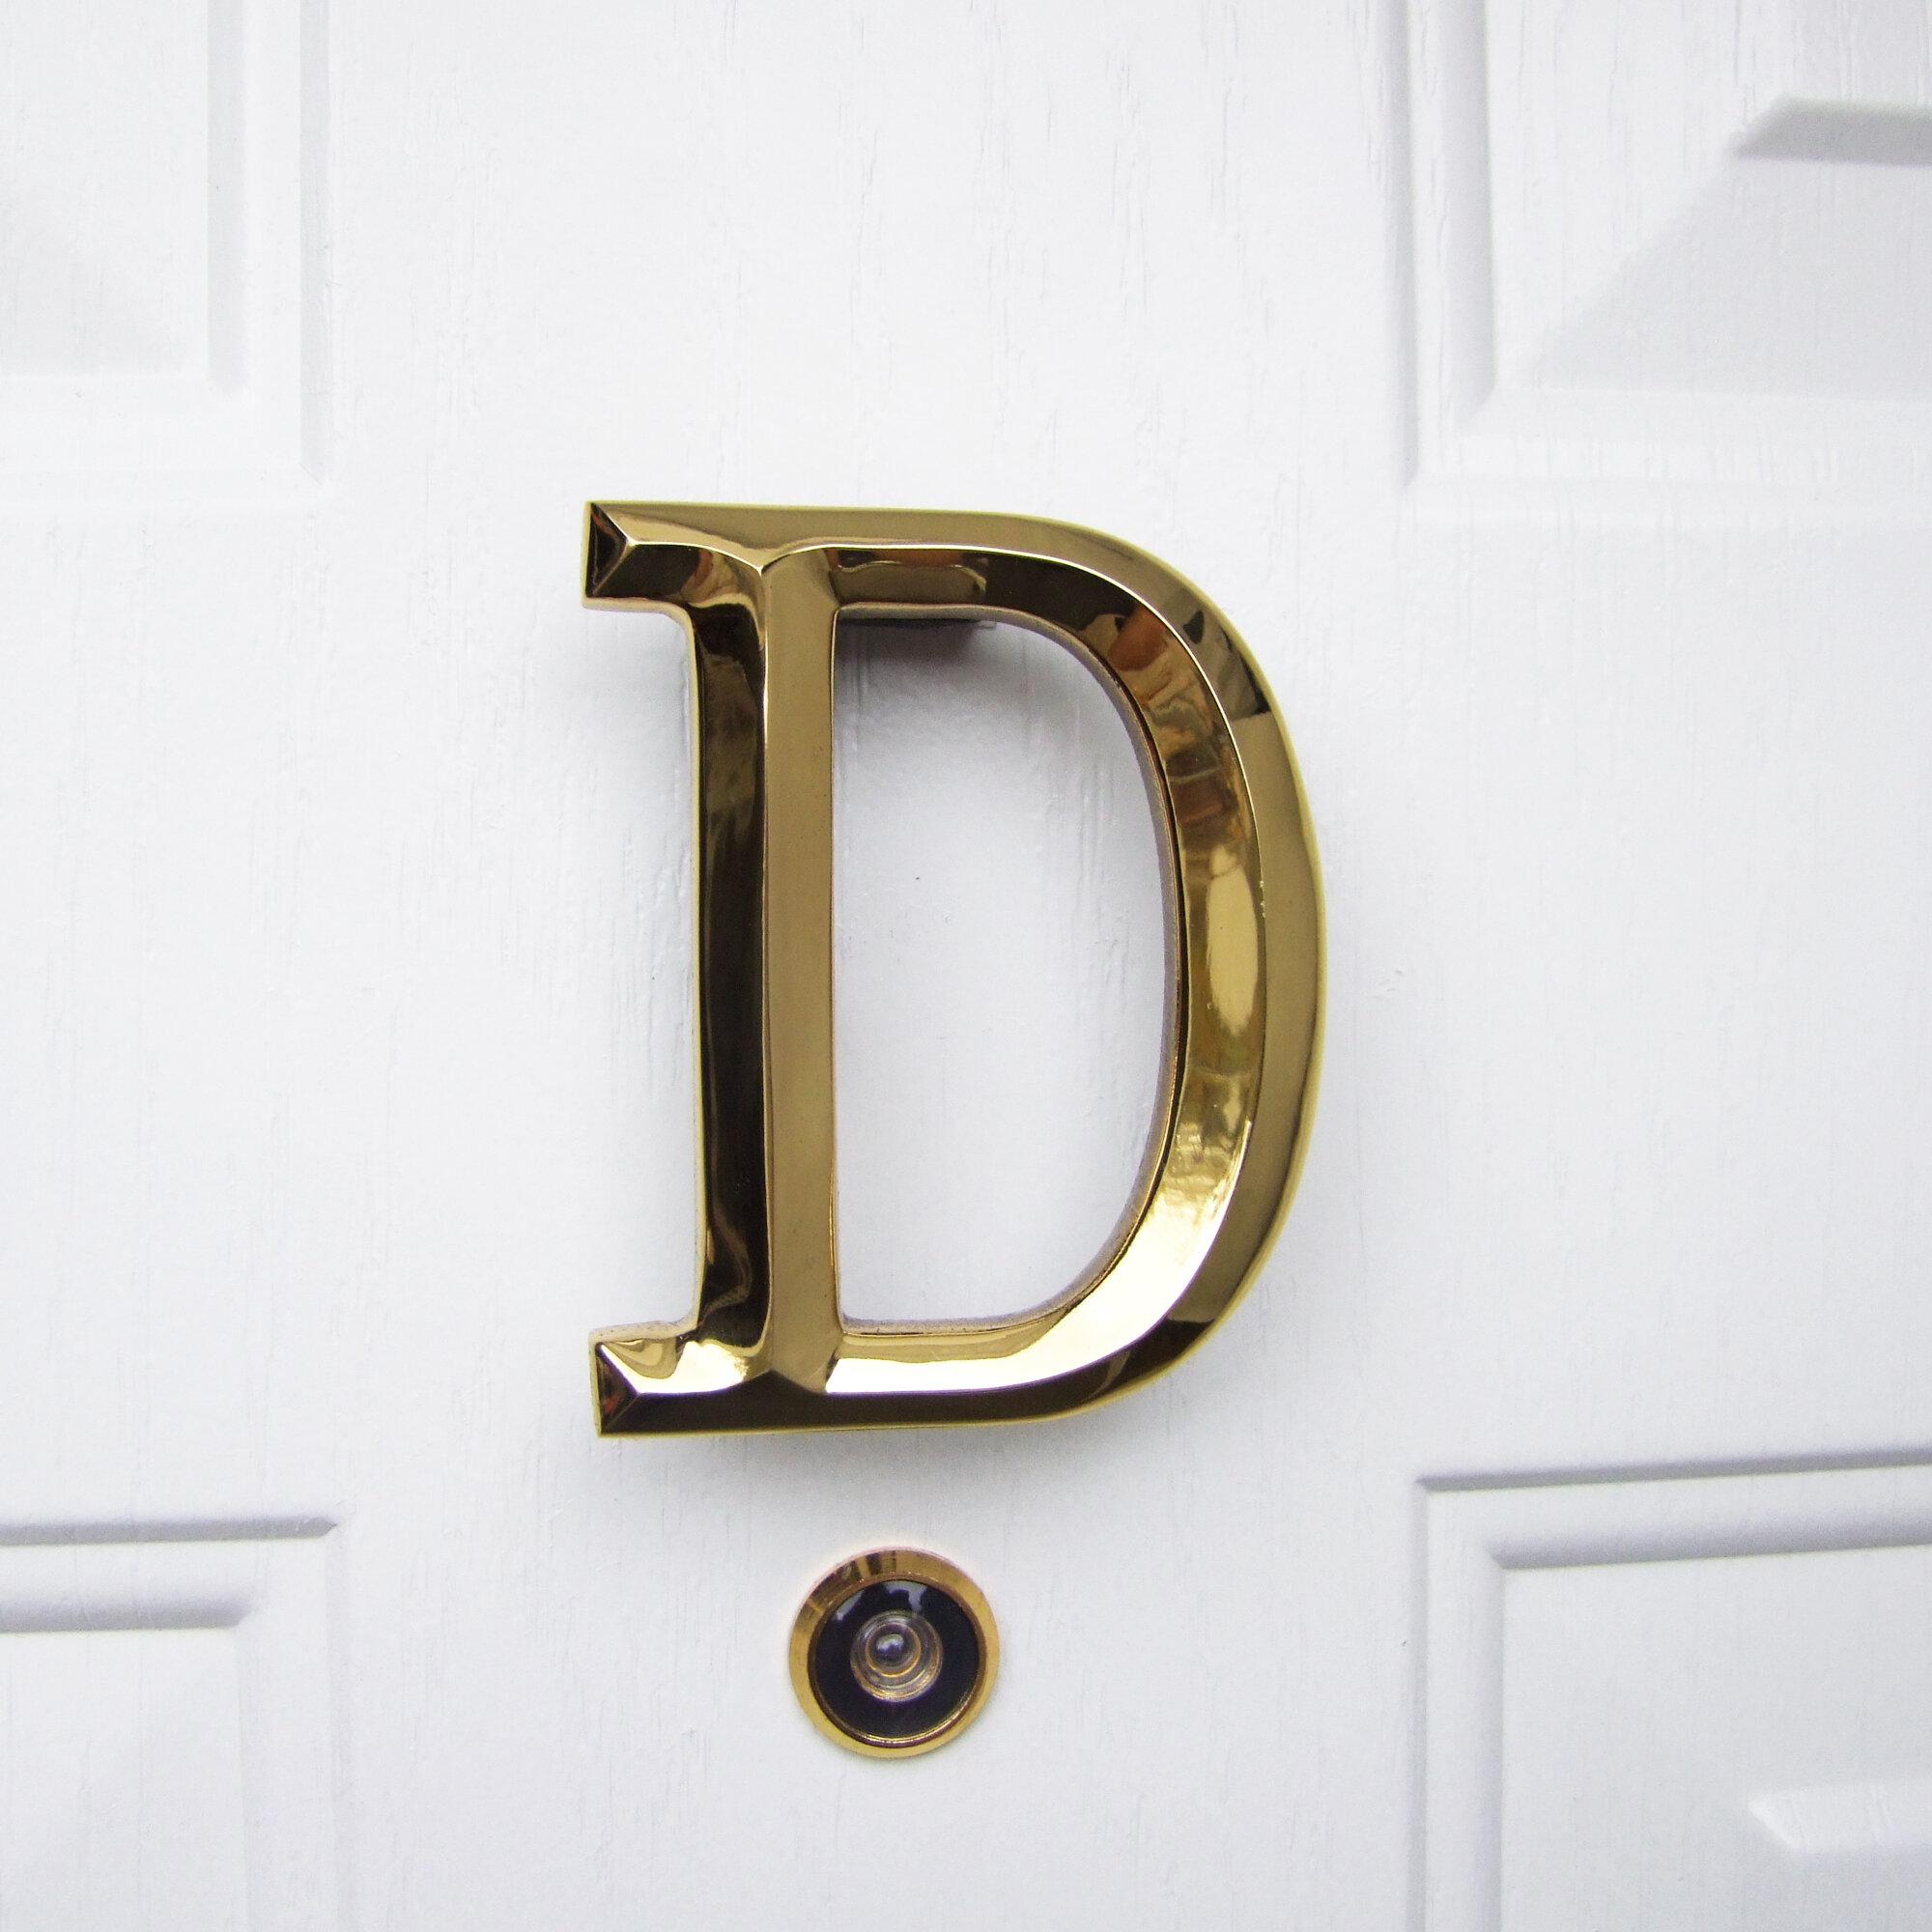 michael healy designs letter monogram door knocker wayfairletter monogram door knocker